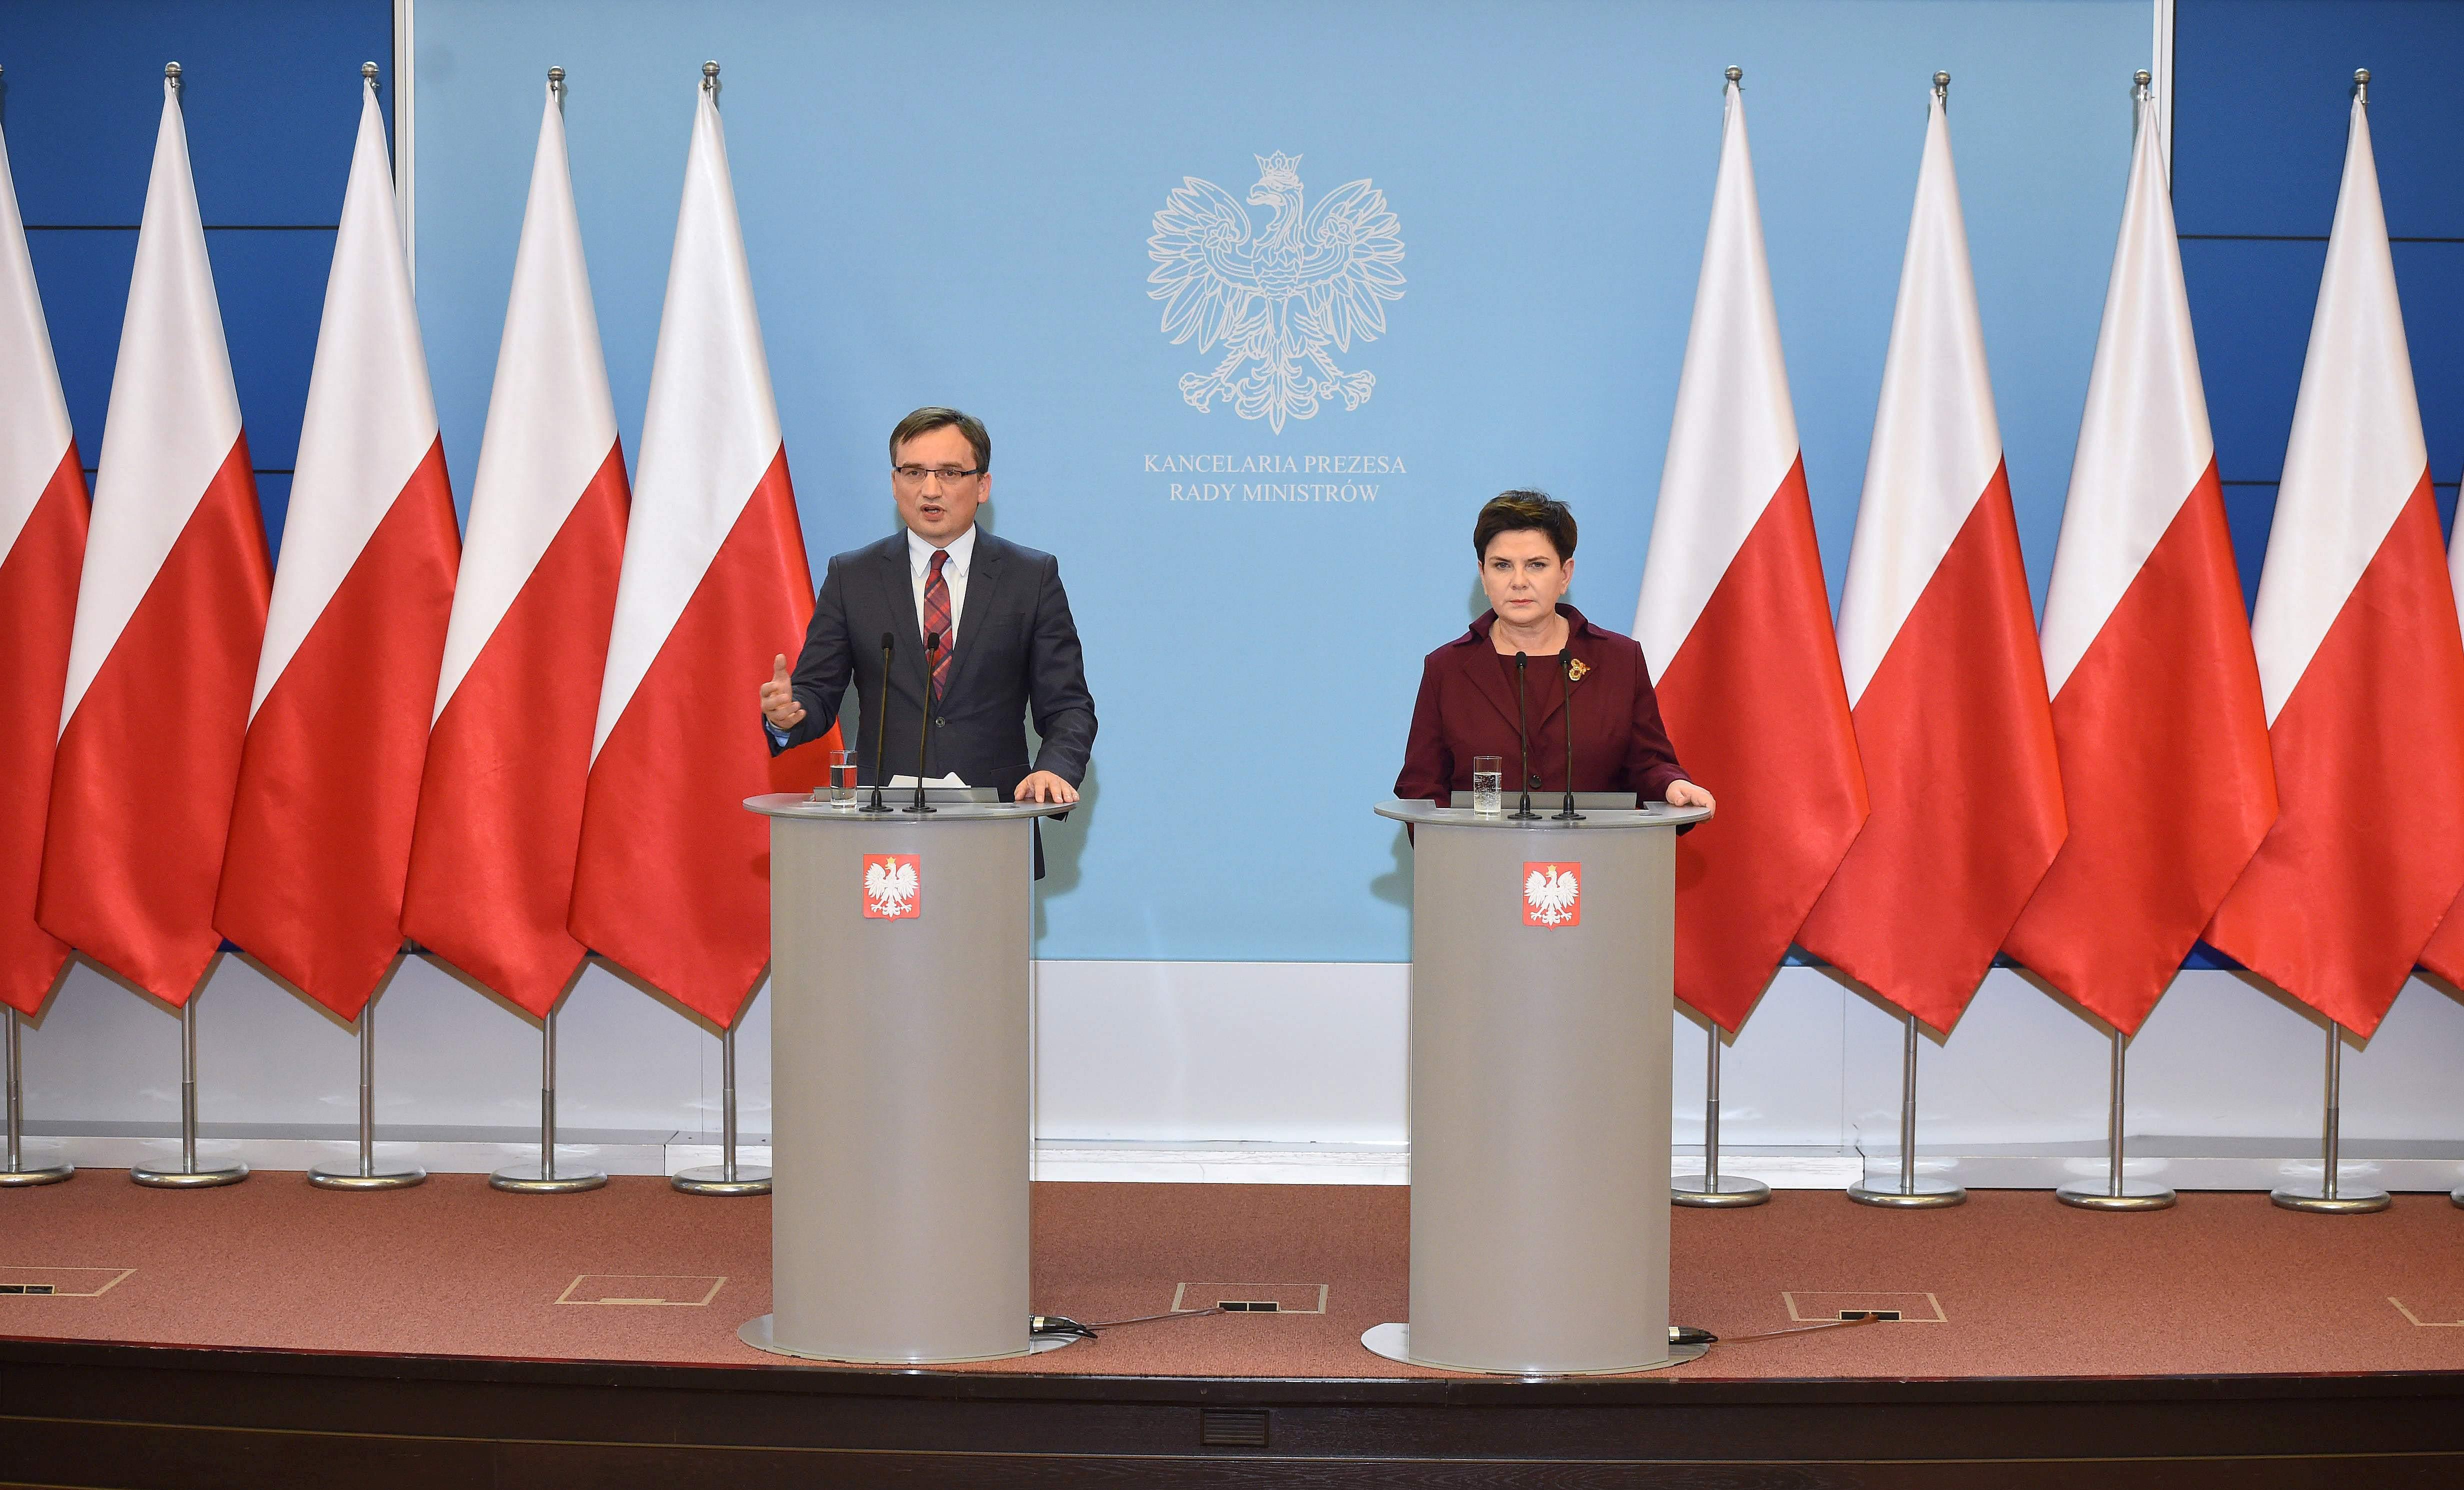 Premier Beata Szydło i minister sprawiedliwośœci prokurator generalny Zbigniew Ziobro podczas konferencji prasowej po posiedzeniu Rady Ministrów w KPRM. fot. PAP/Radek Pietruszka